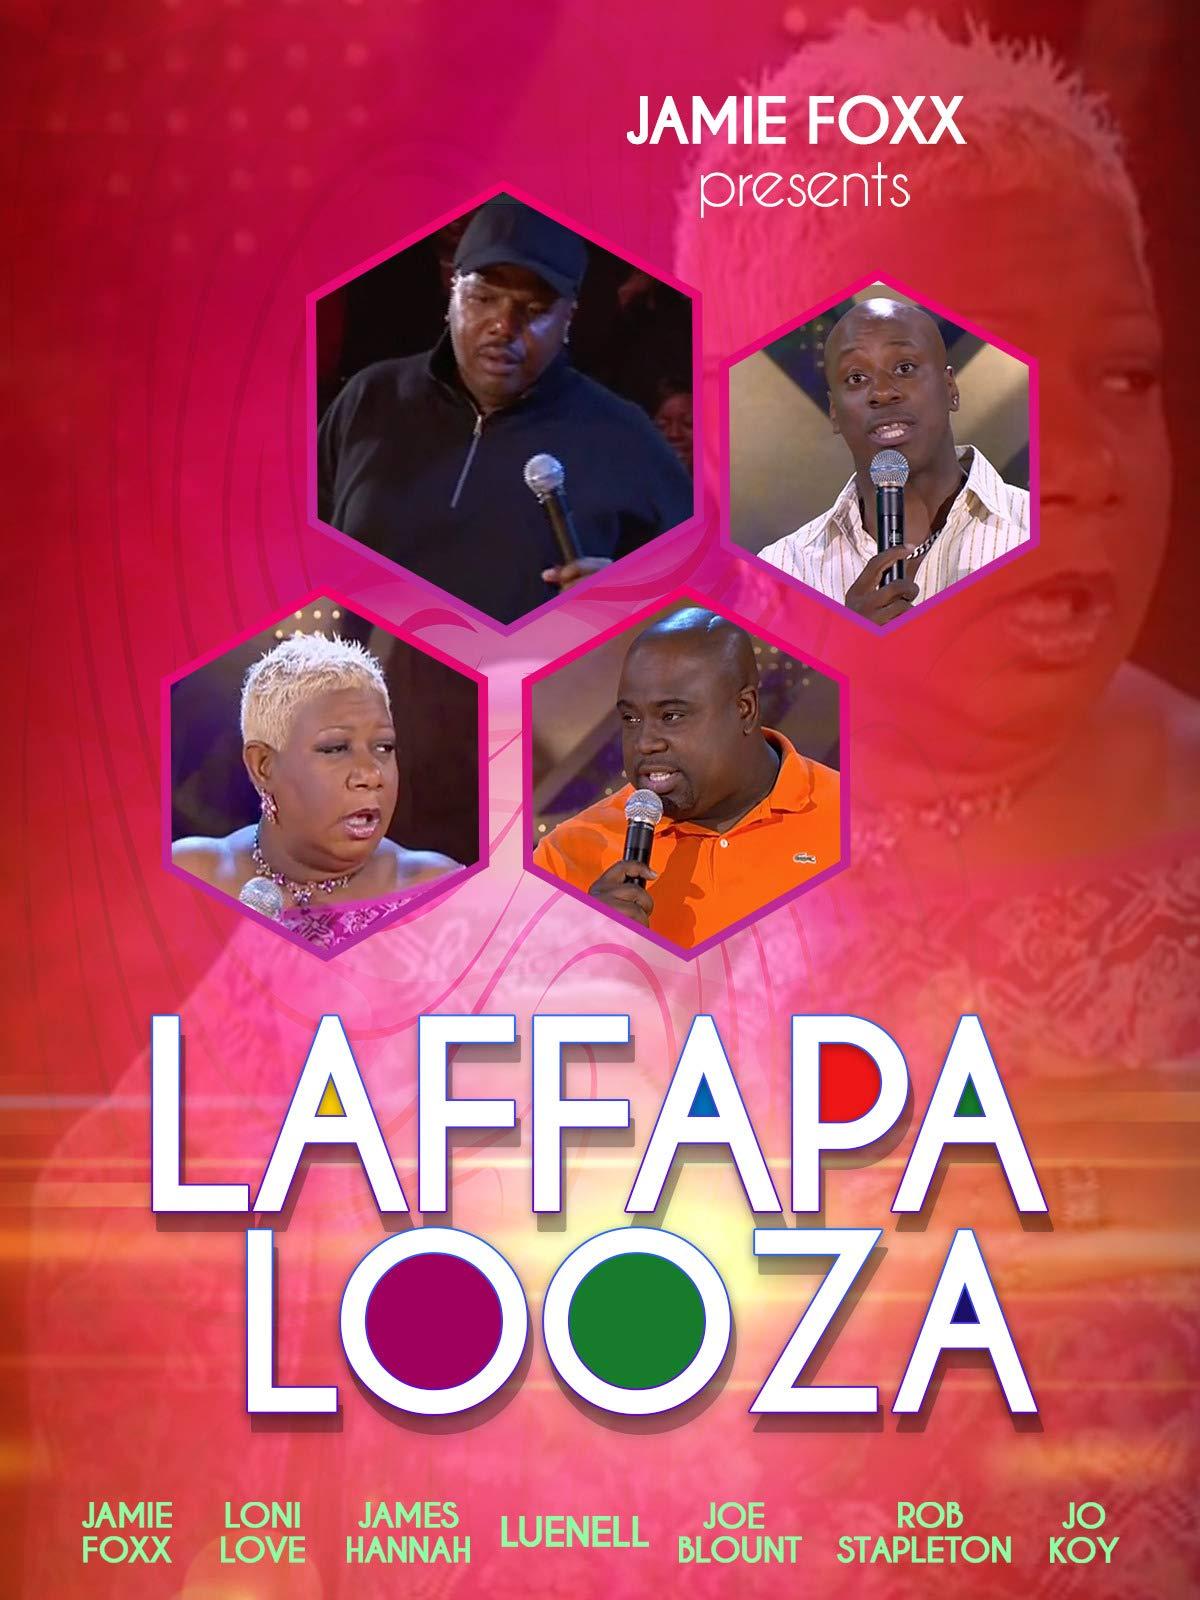 Laffapalooza Vol 7